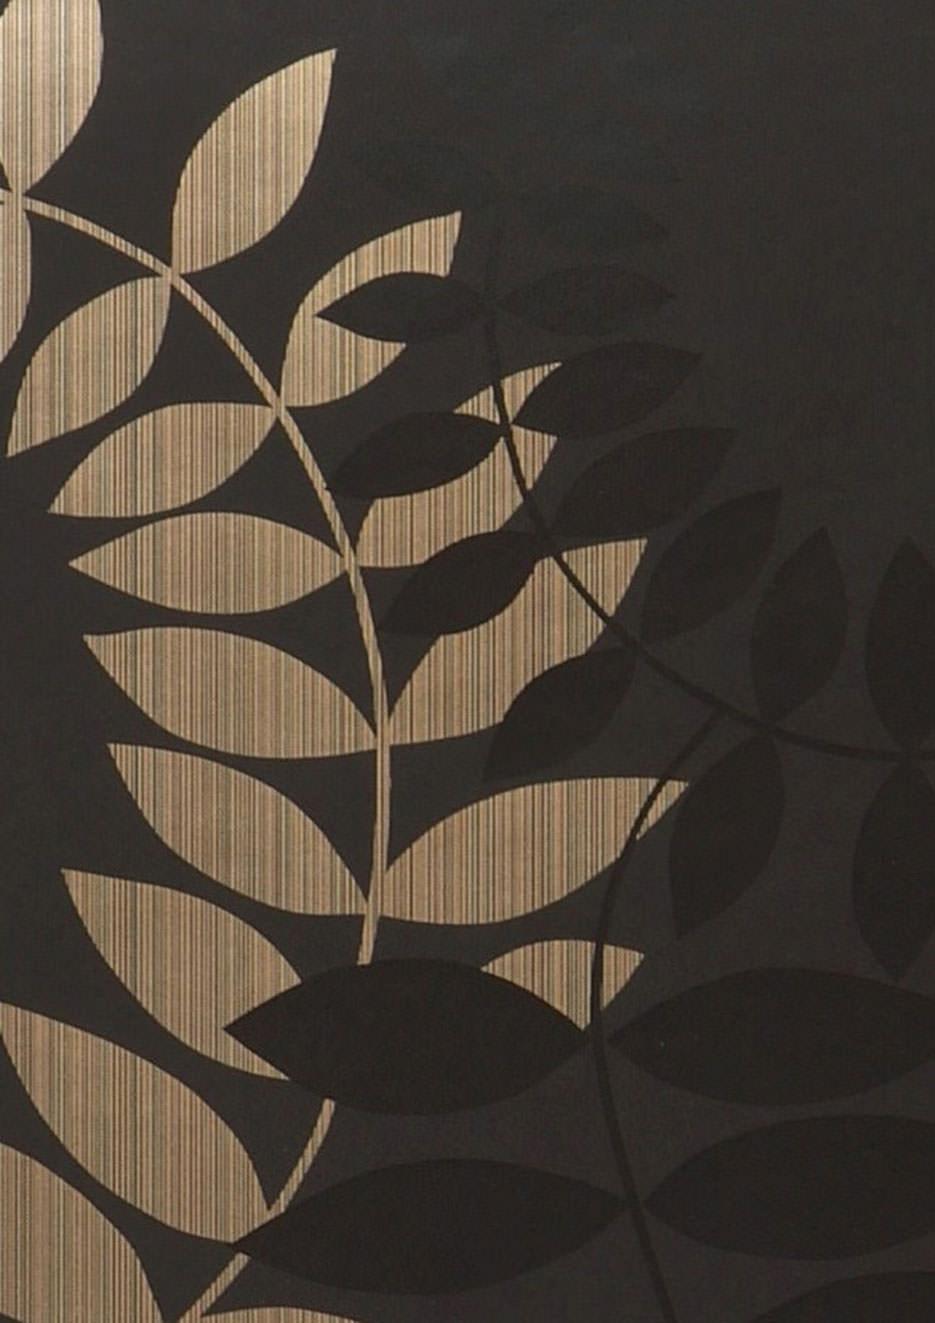 Tapete amphion anthrazit gold schwarz tapeten der 70er for Tapete gold schwarz